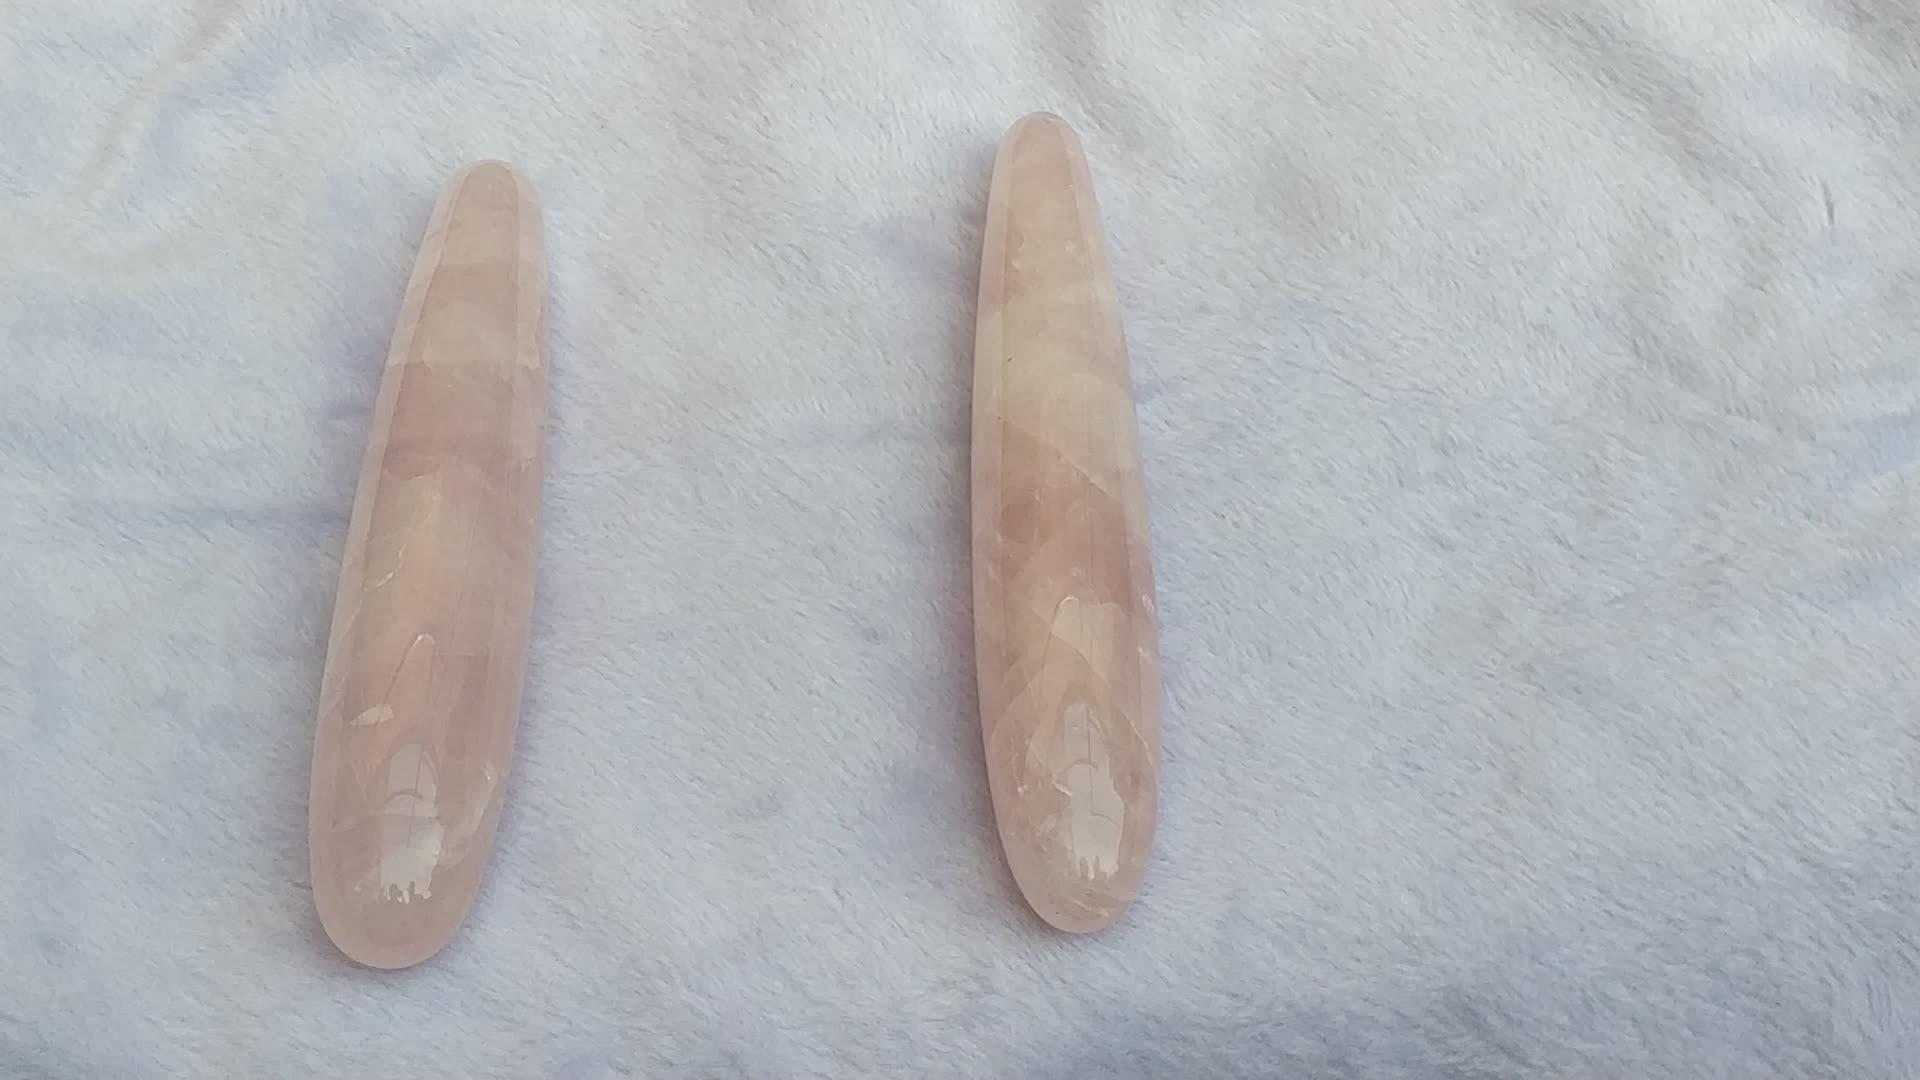 30mm/40mm Pó de cristal de cristal massagem vara vibrador brinquedo sexy feminino pênis de cristal pedra de cura.